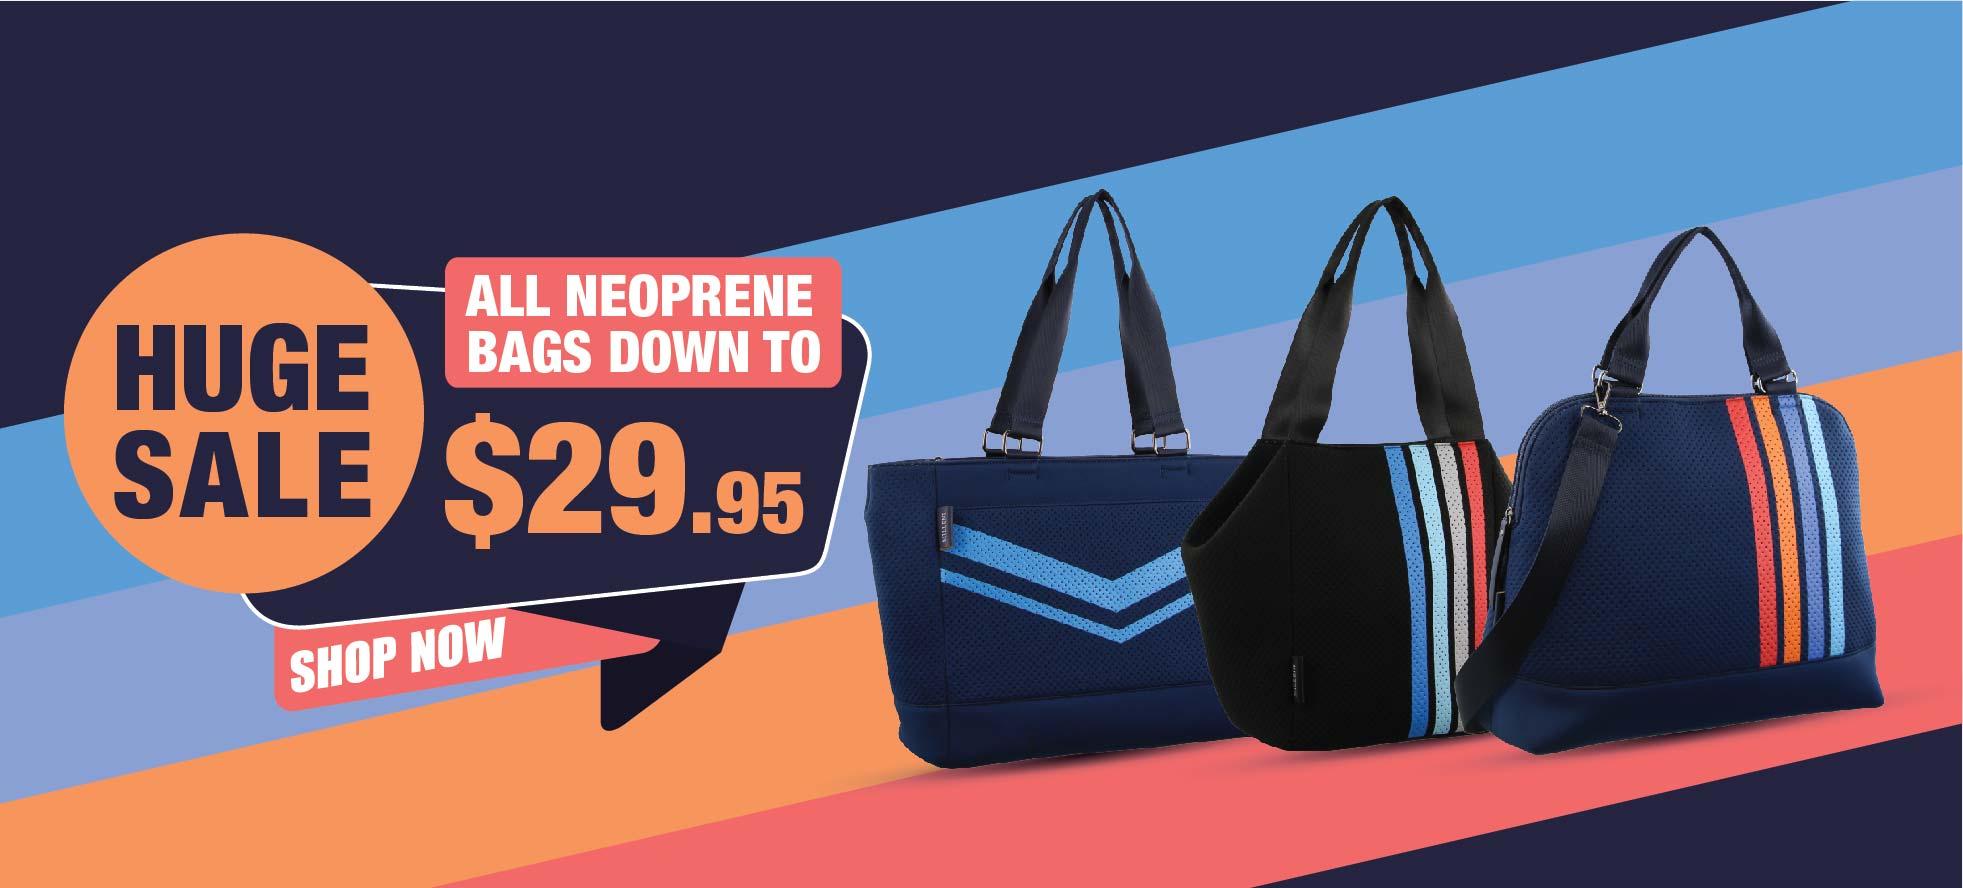 huge-sale-pc-nylon-range-29.95-banner.jpg